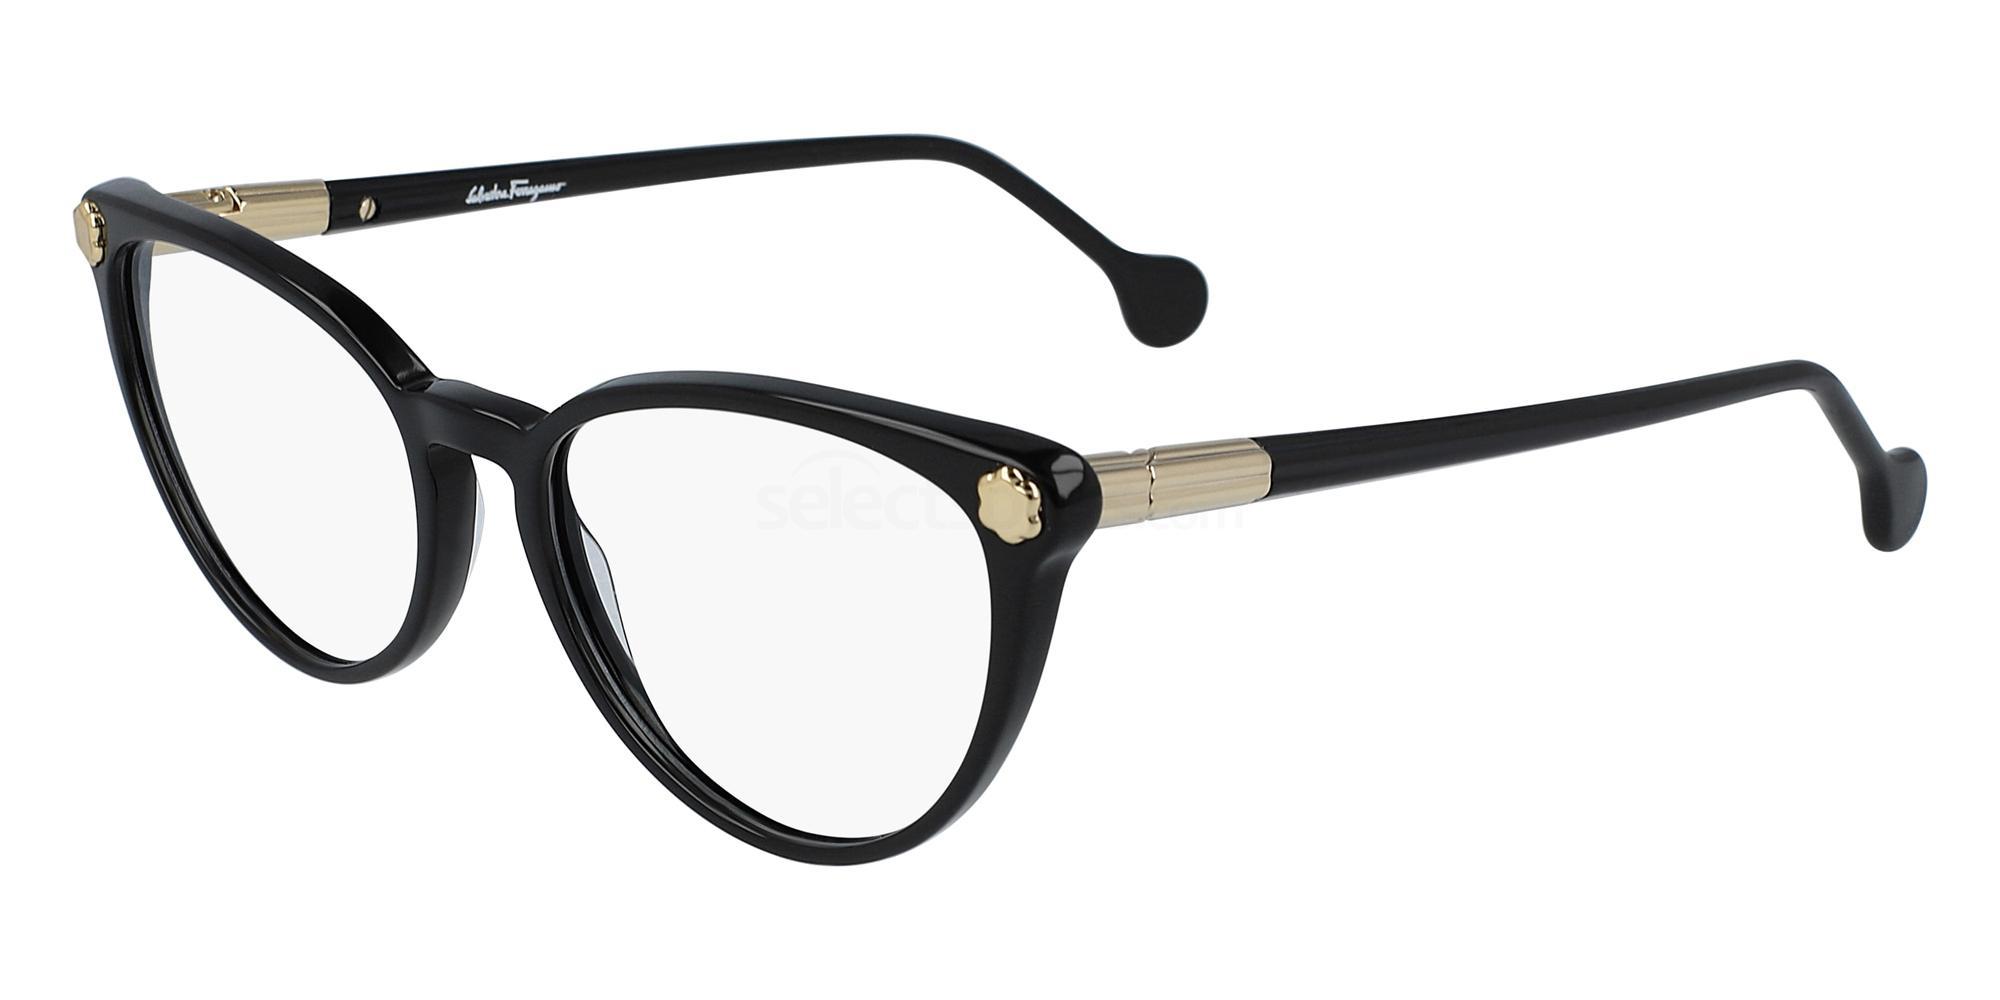 001 SF2837 Glasses, Salvatore Ferragamo